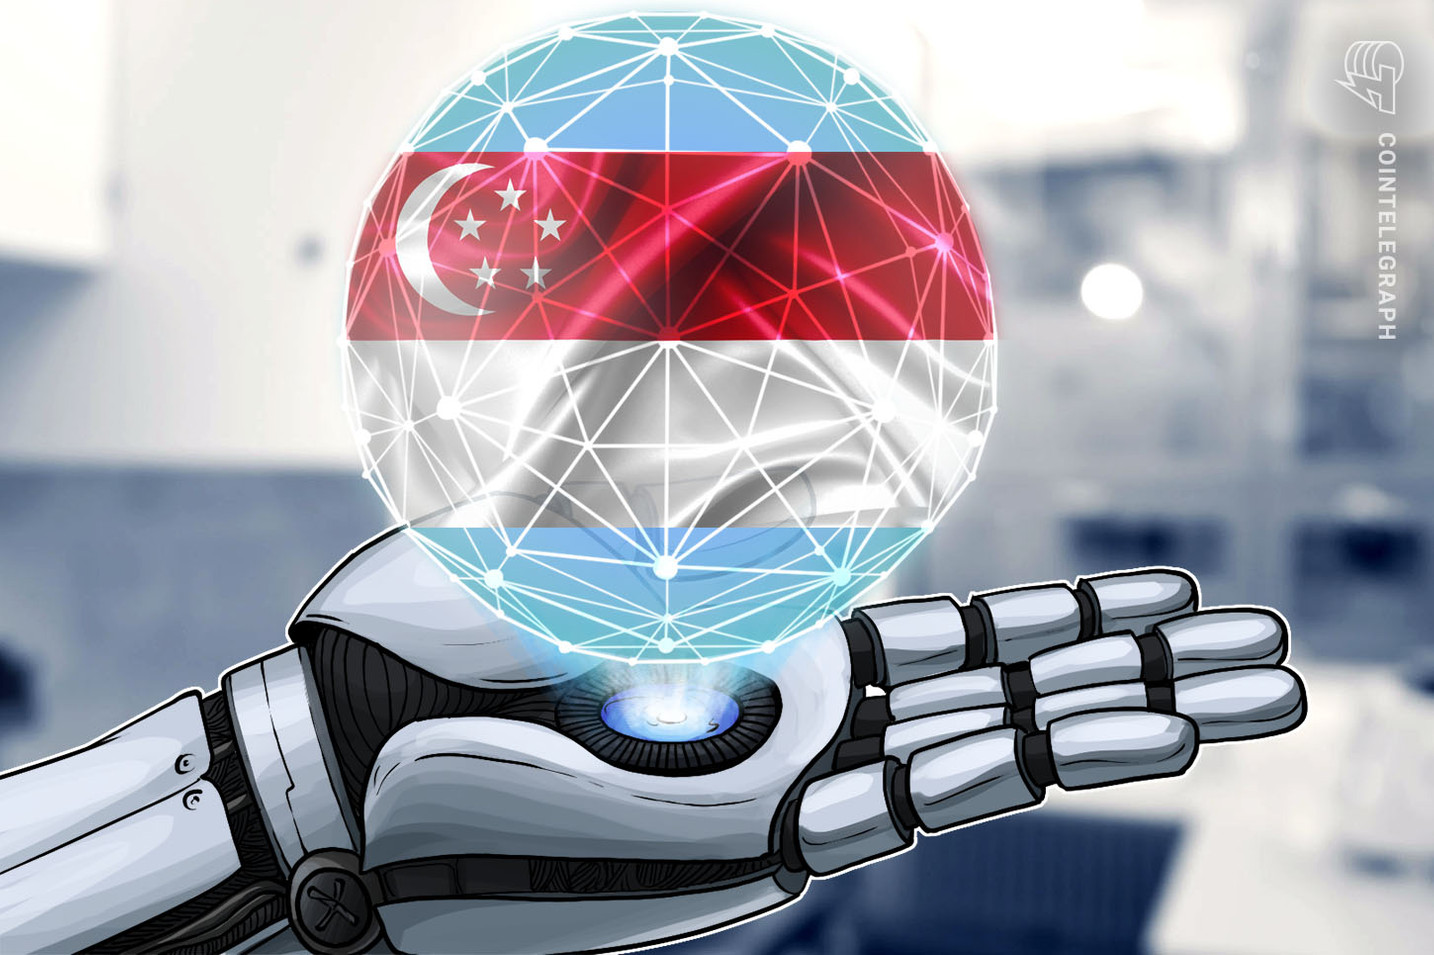 シンガポールの国営投資会社テマセク、ブロックチェーン・AI重視戦略の一環としてR3に投資